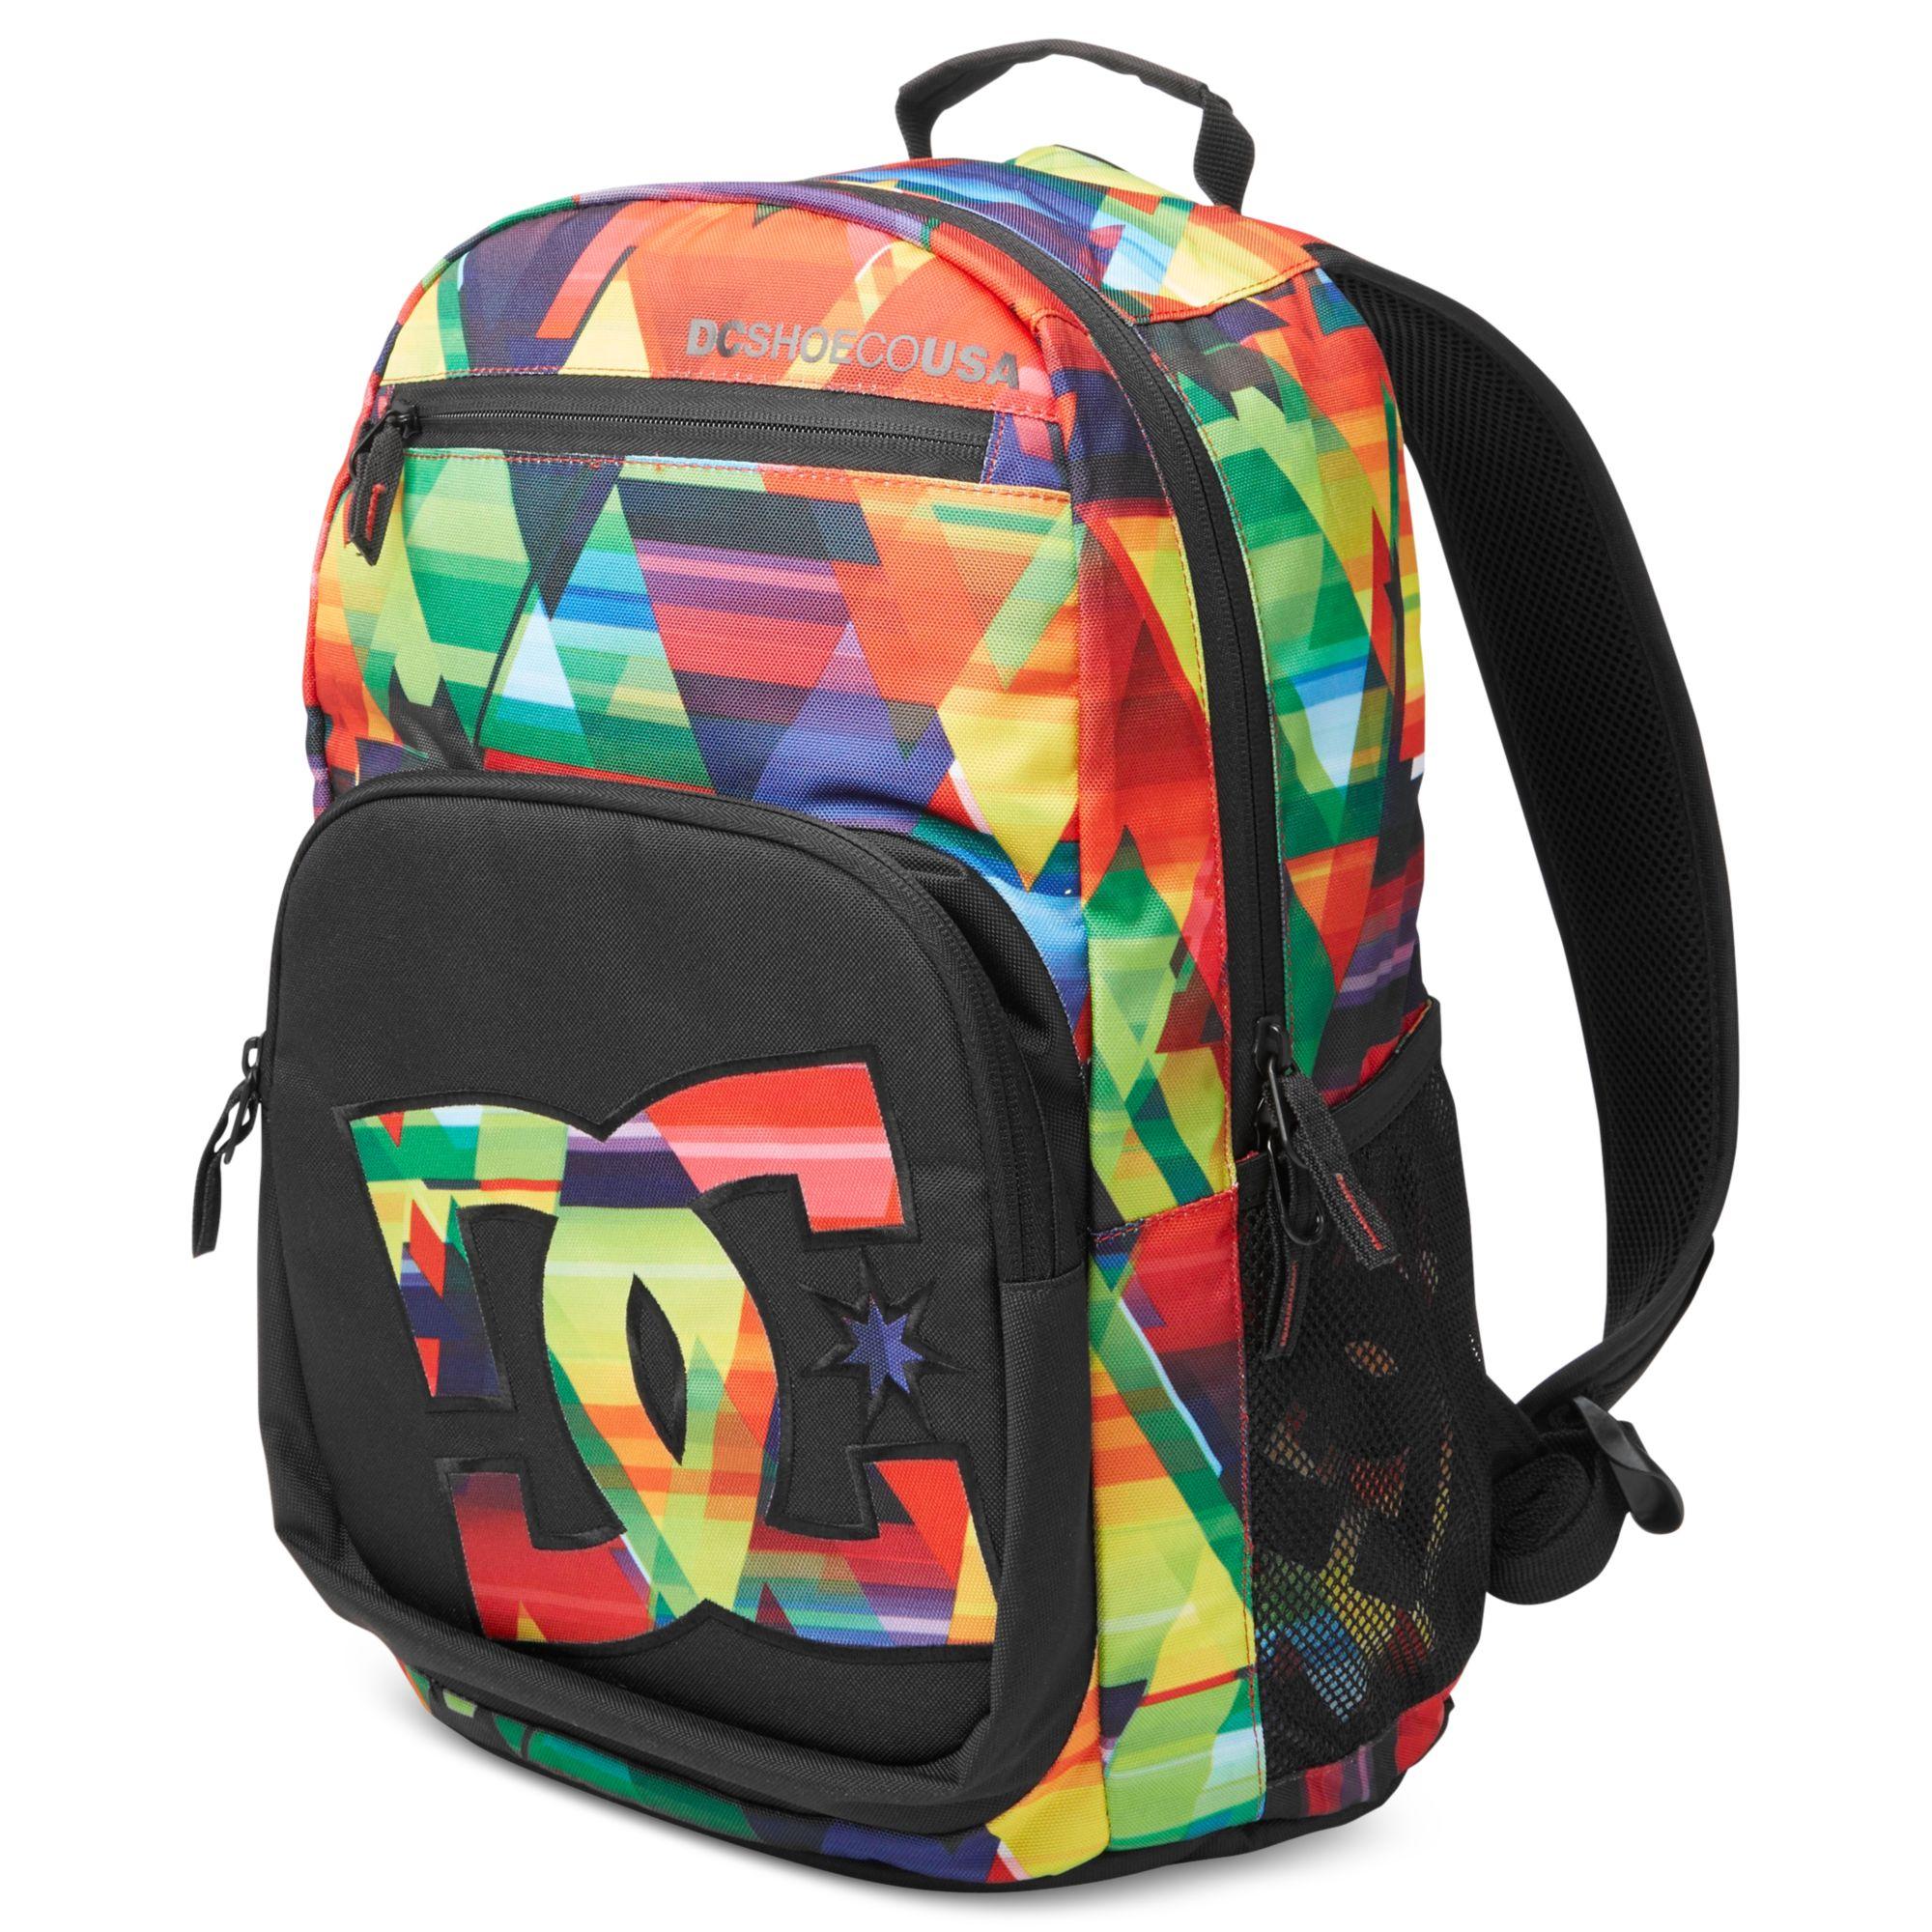 Dc shoes Backpack Detention Backpack for Men